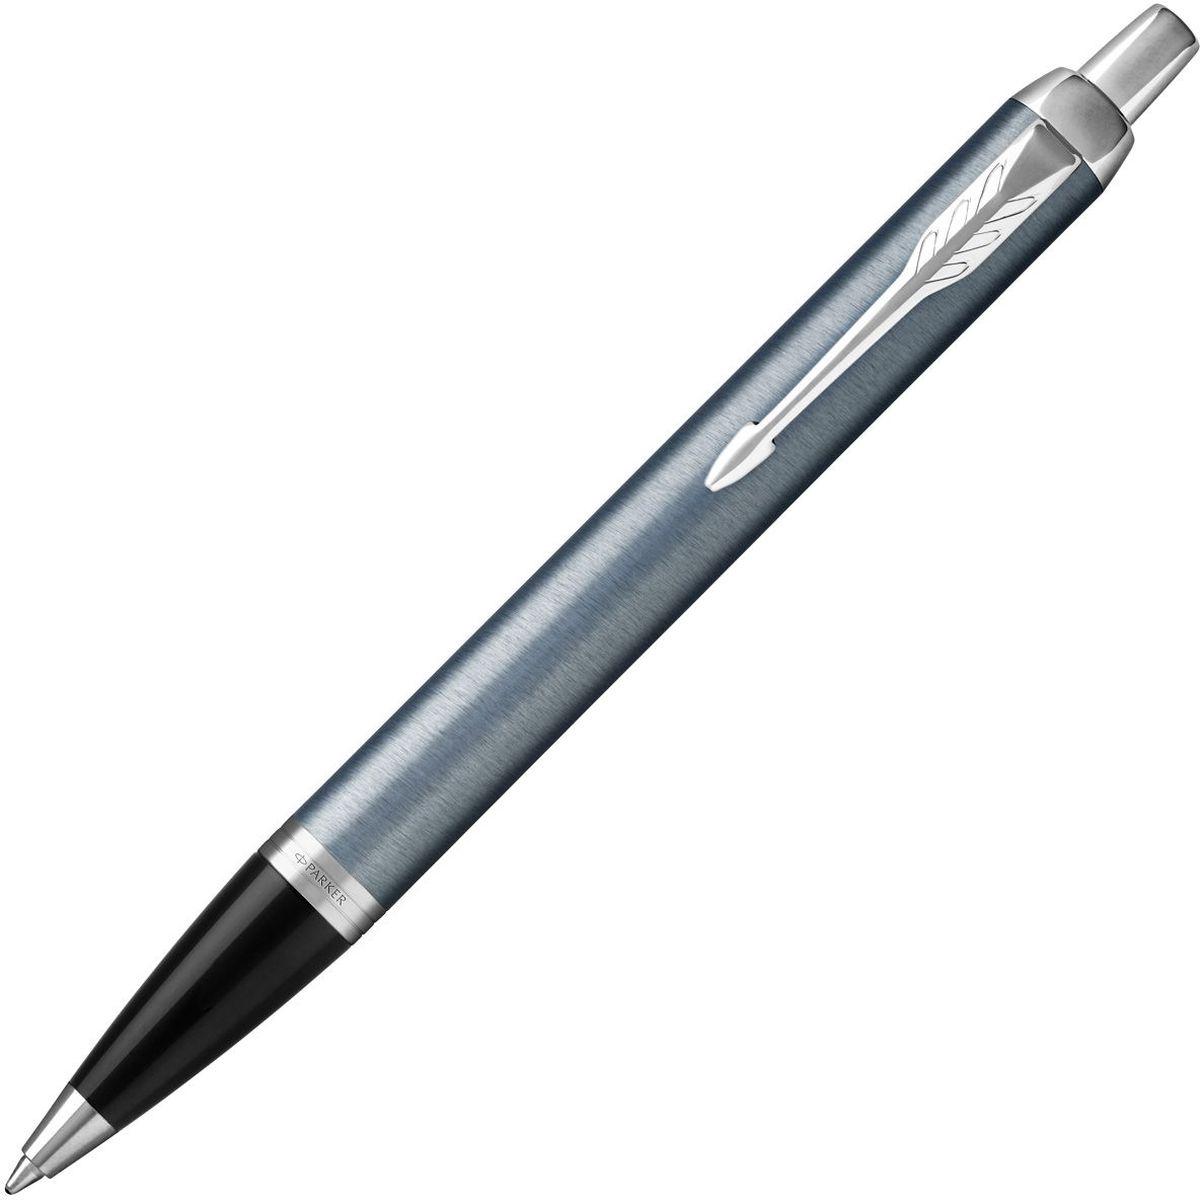 Parker Ручка шариковая IM Blue Grey CT синяяPARKER-1931669Автоматическая шариковая ручка Parker IM Blue Grey CT изготовлена из латуни в лакированном корпусе серо-синего цвета с круговой полировкой. Цвет декоративных элементов - хром. Форма ручки - круглая.Автоматическая шариковая ручка Parker аккуратно упакована в выдвижной футляр.Марка Parker гарантирует полную уверенность в превосходном качестве товара. Автоматическая шариковая ручка Parker IM Blue Grey CT будет не только долго служить, но и неизменно радовать удобством и легкостью письма, надежностью в эксплуатации и прекрасным эстетическим исполнением.